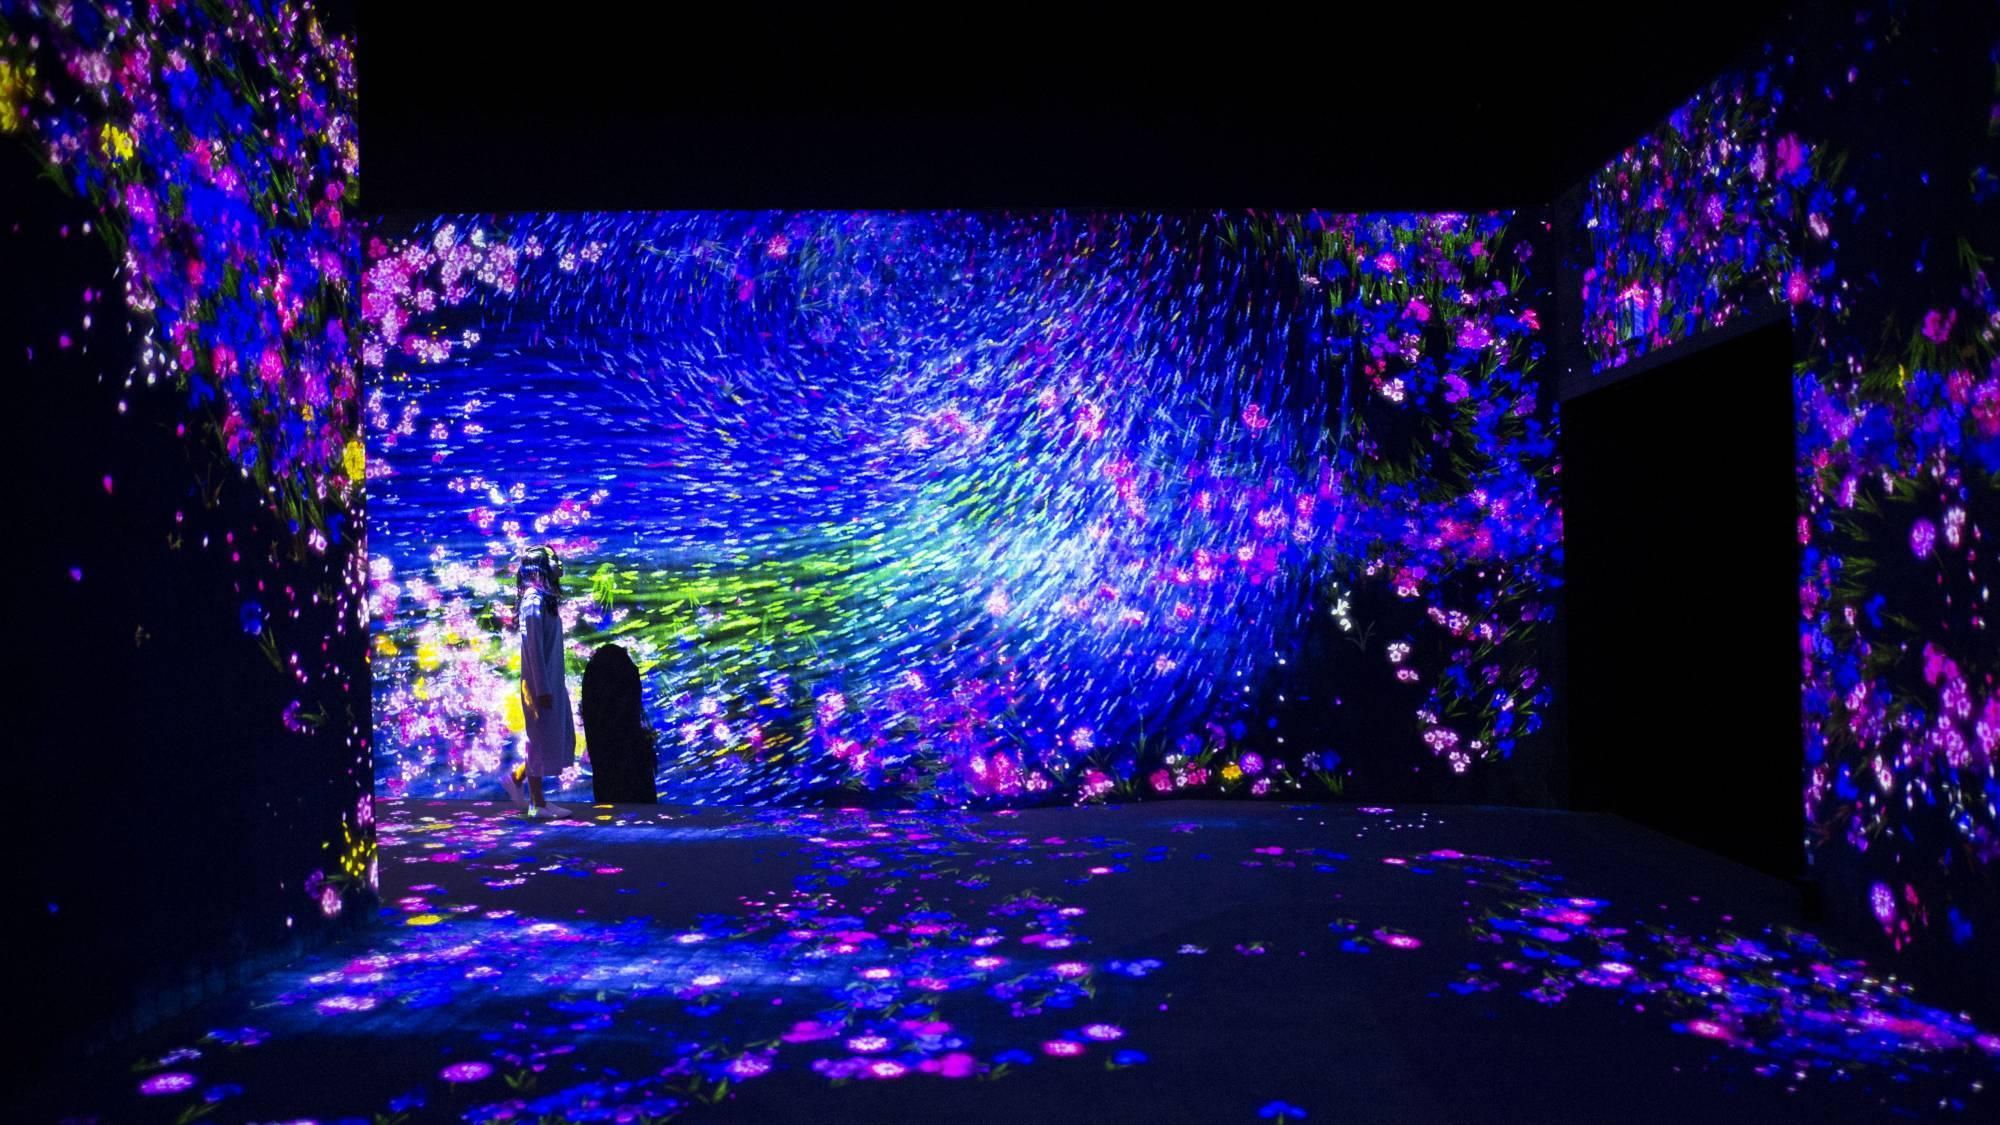 Токио Другая реальность: первый в мире Музей цифровых искусств в Токио 15045